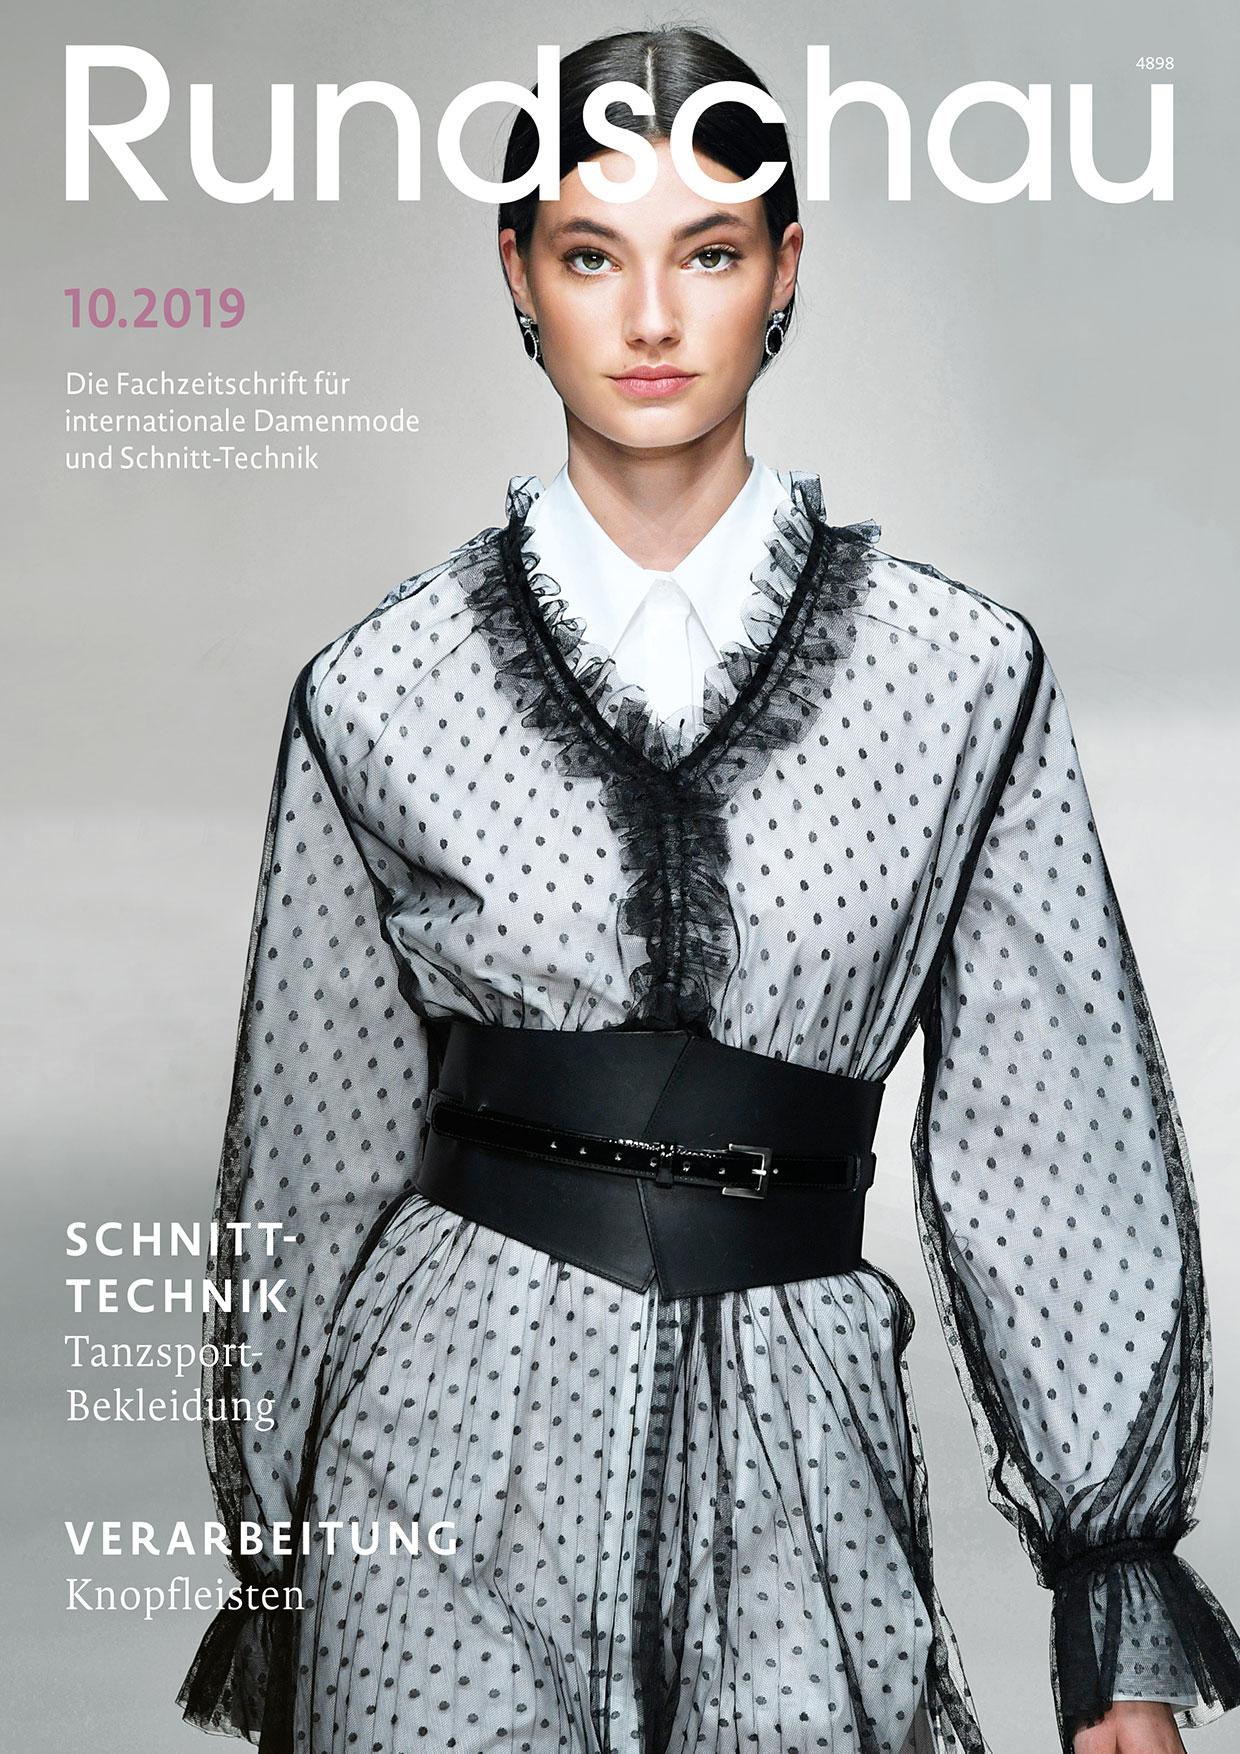 Produkt: Rundschau für Internationale Damenmode 10.2019 Digital